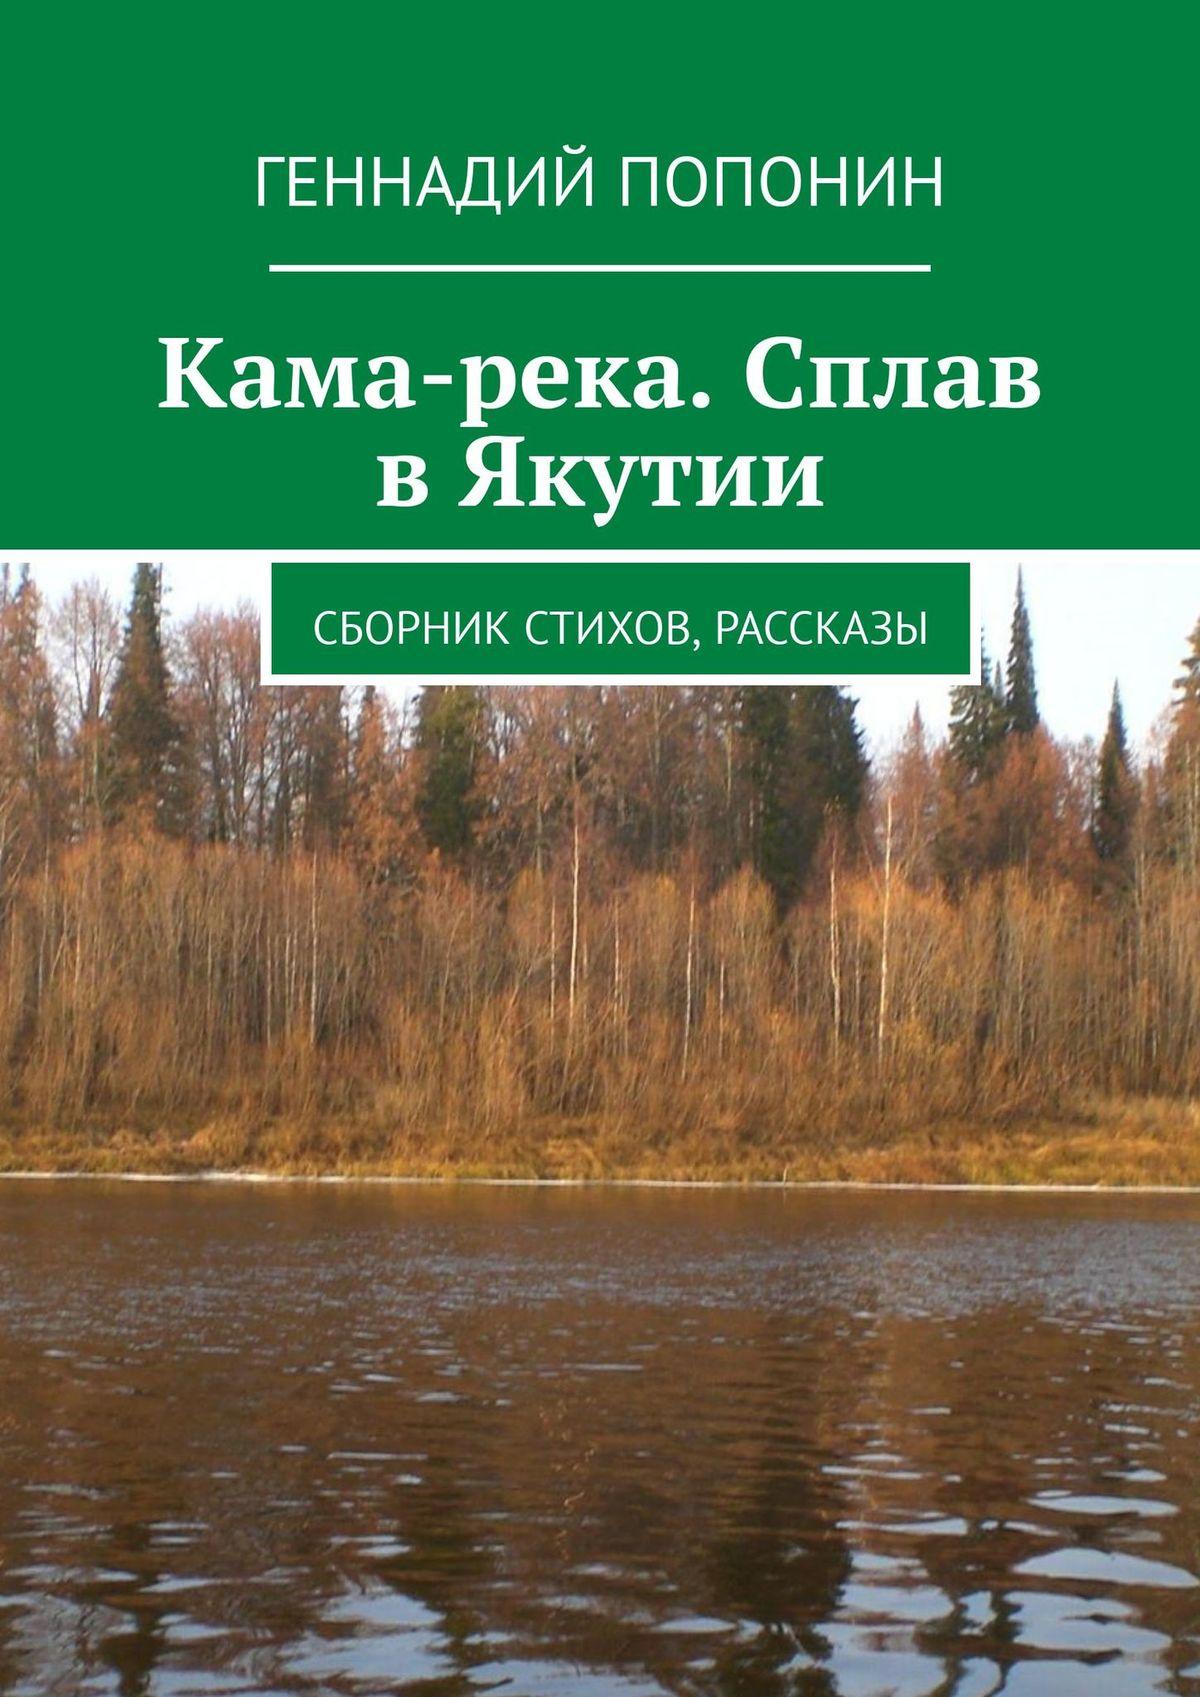 Геннадий Попонин Кама-река. Сборник стихов, рассказы все цены